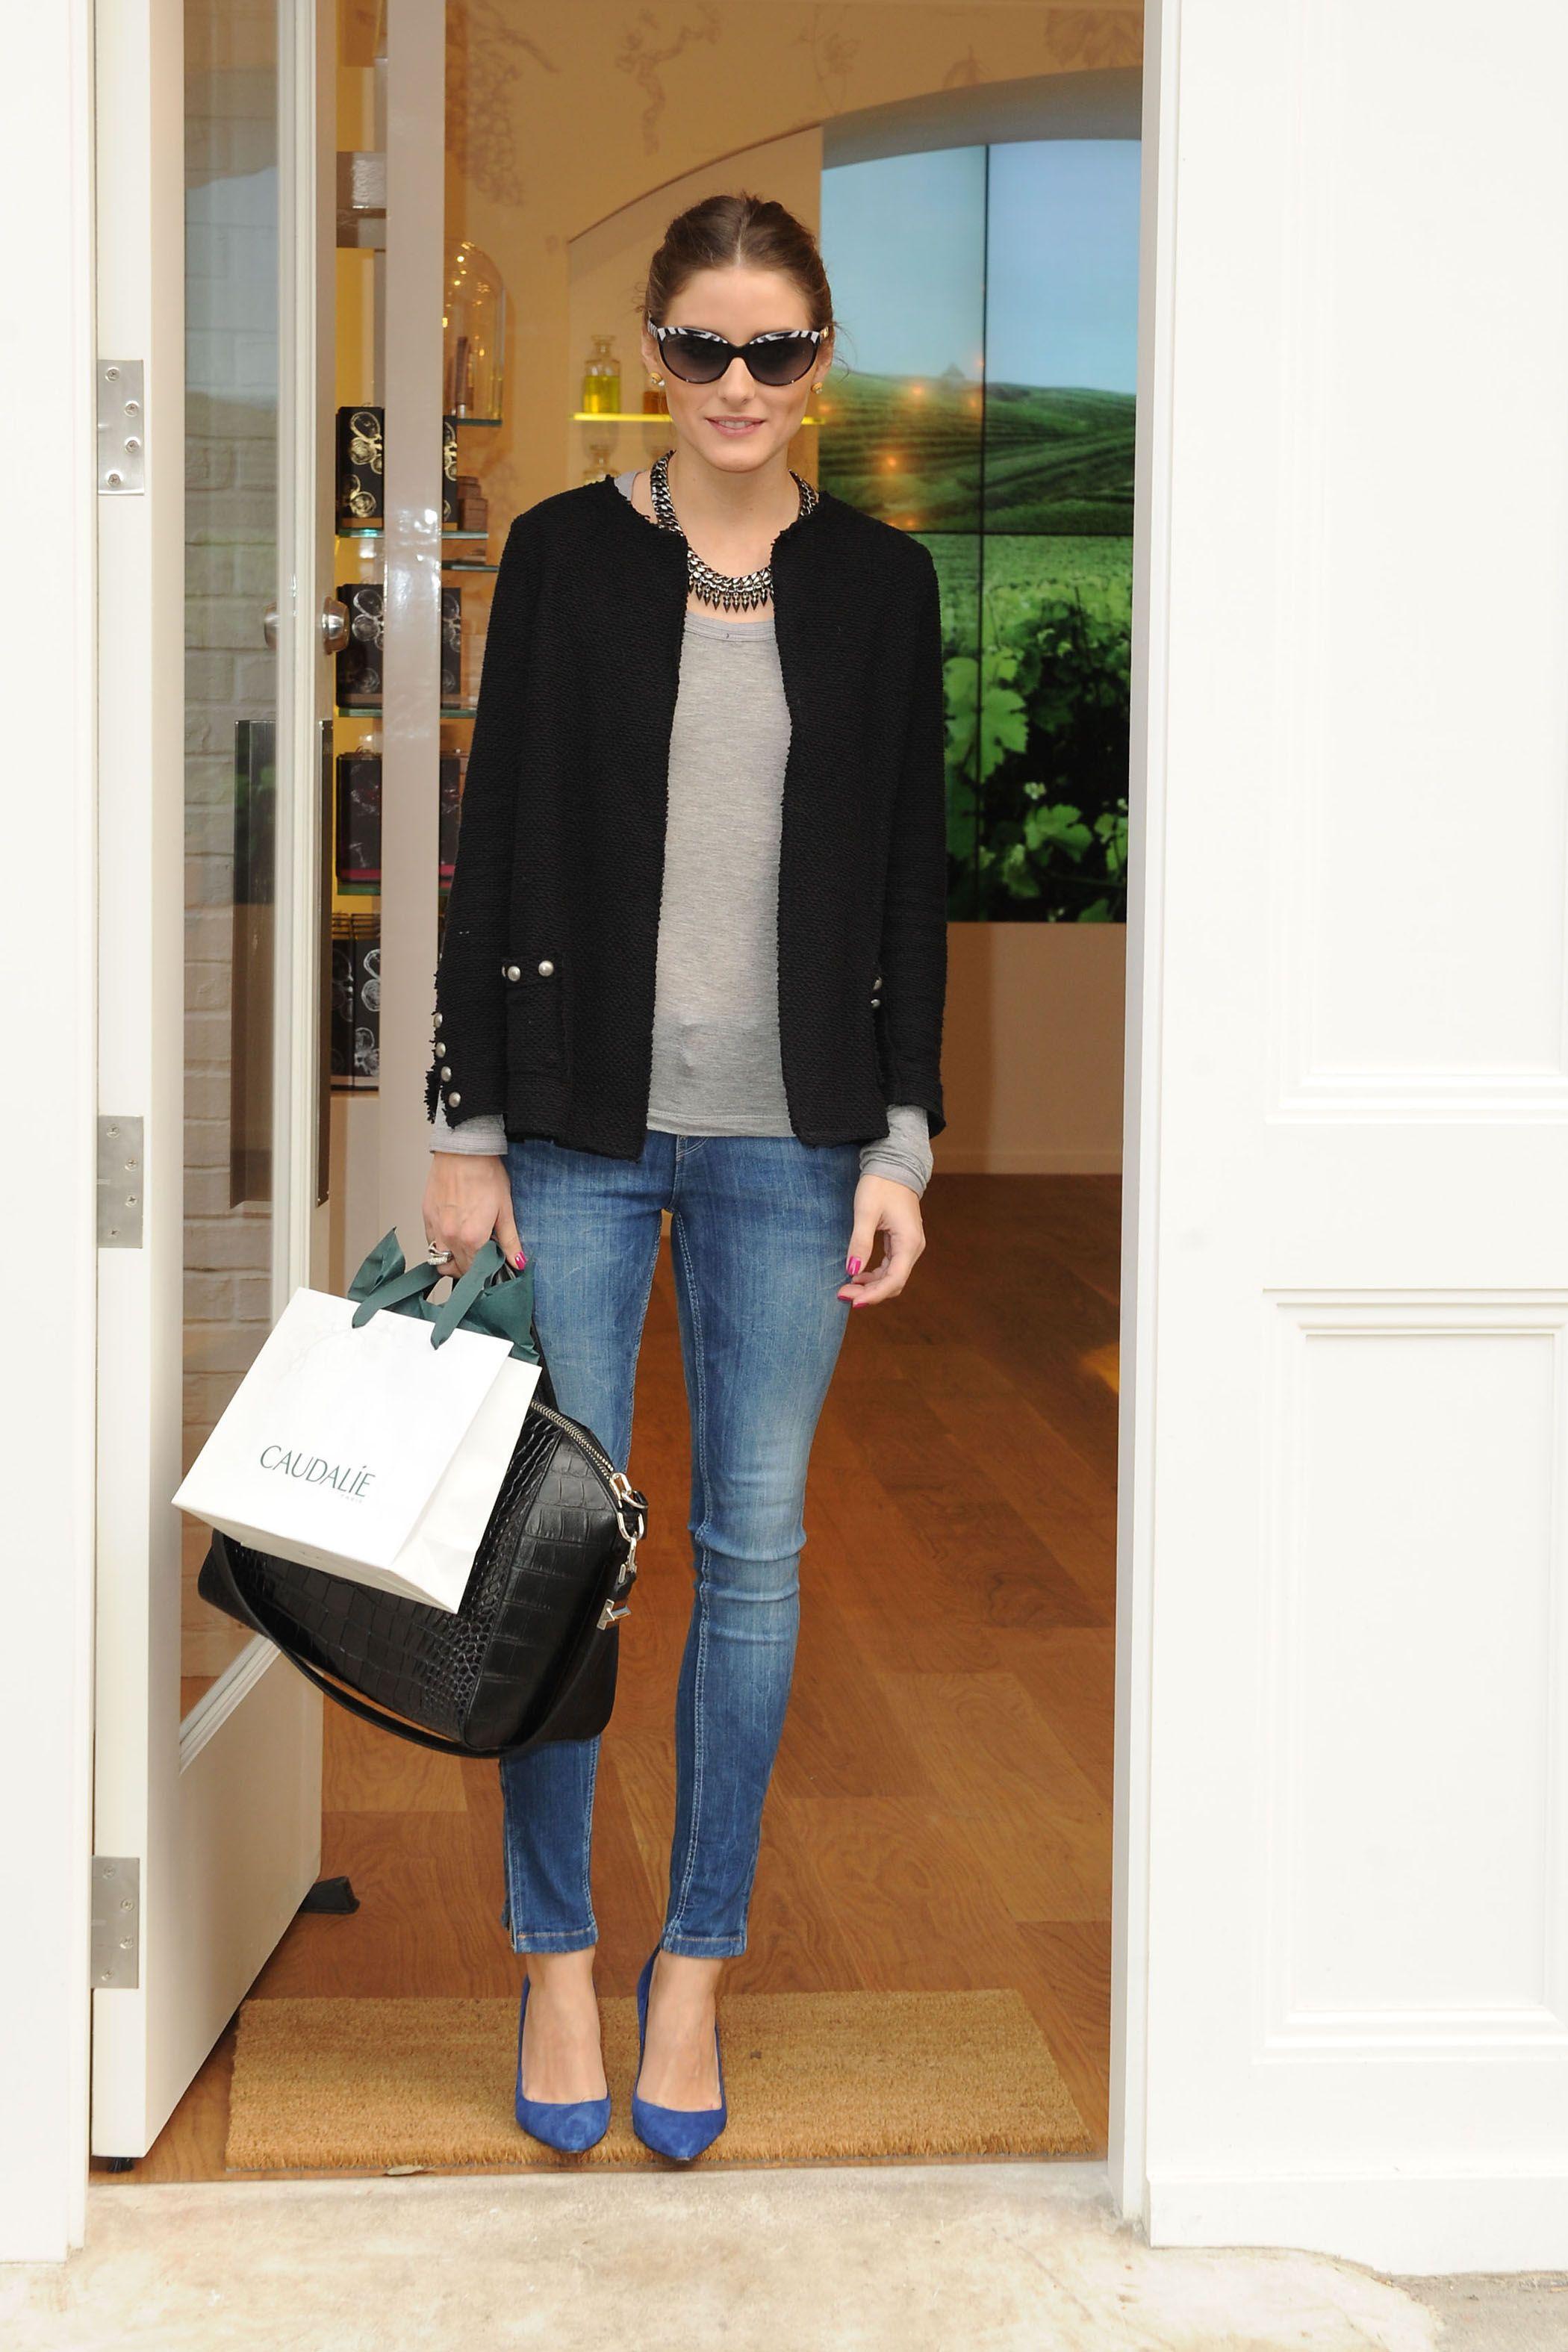 Stylée Palme La Miranda Kerr Lily Semaine Photos Kardashian De Kourtney Plus Aldridge Qui A Été Fashion O1FdqqRwf4